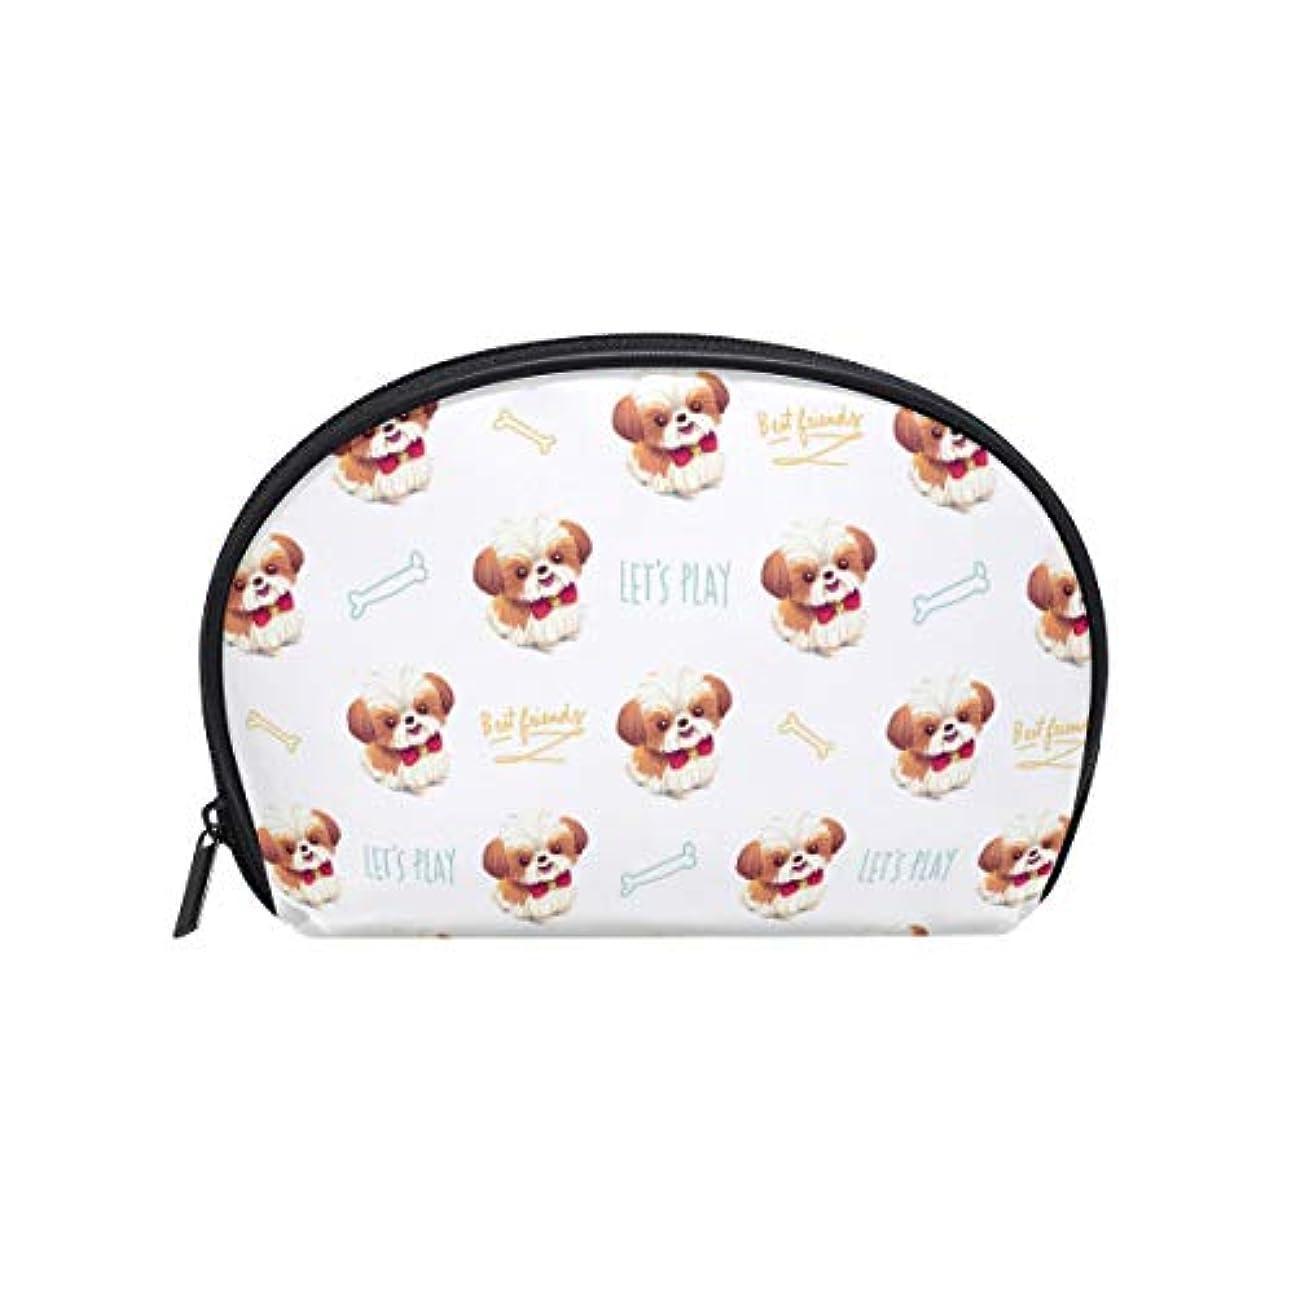 分配します維持するジョグ半月型 シーズー 犬 化粧ポーチ コスメポーチ コスメバッグ メイクポーチ 大容量 旅行 小物入れ